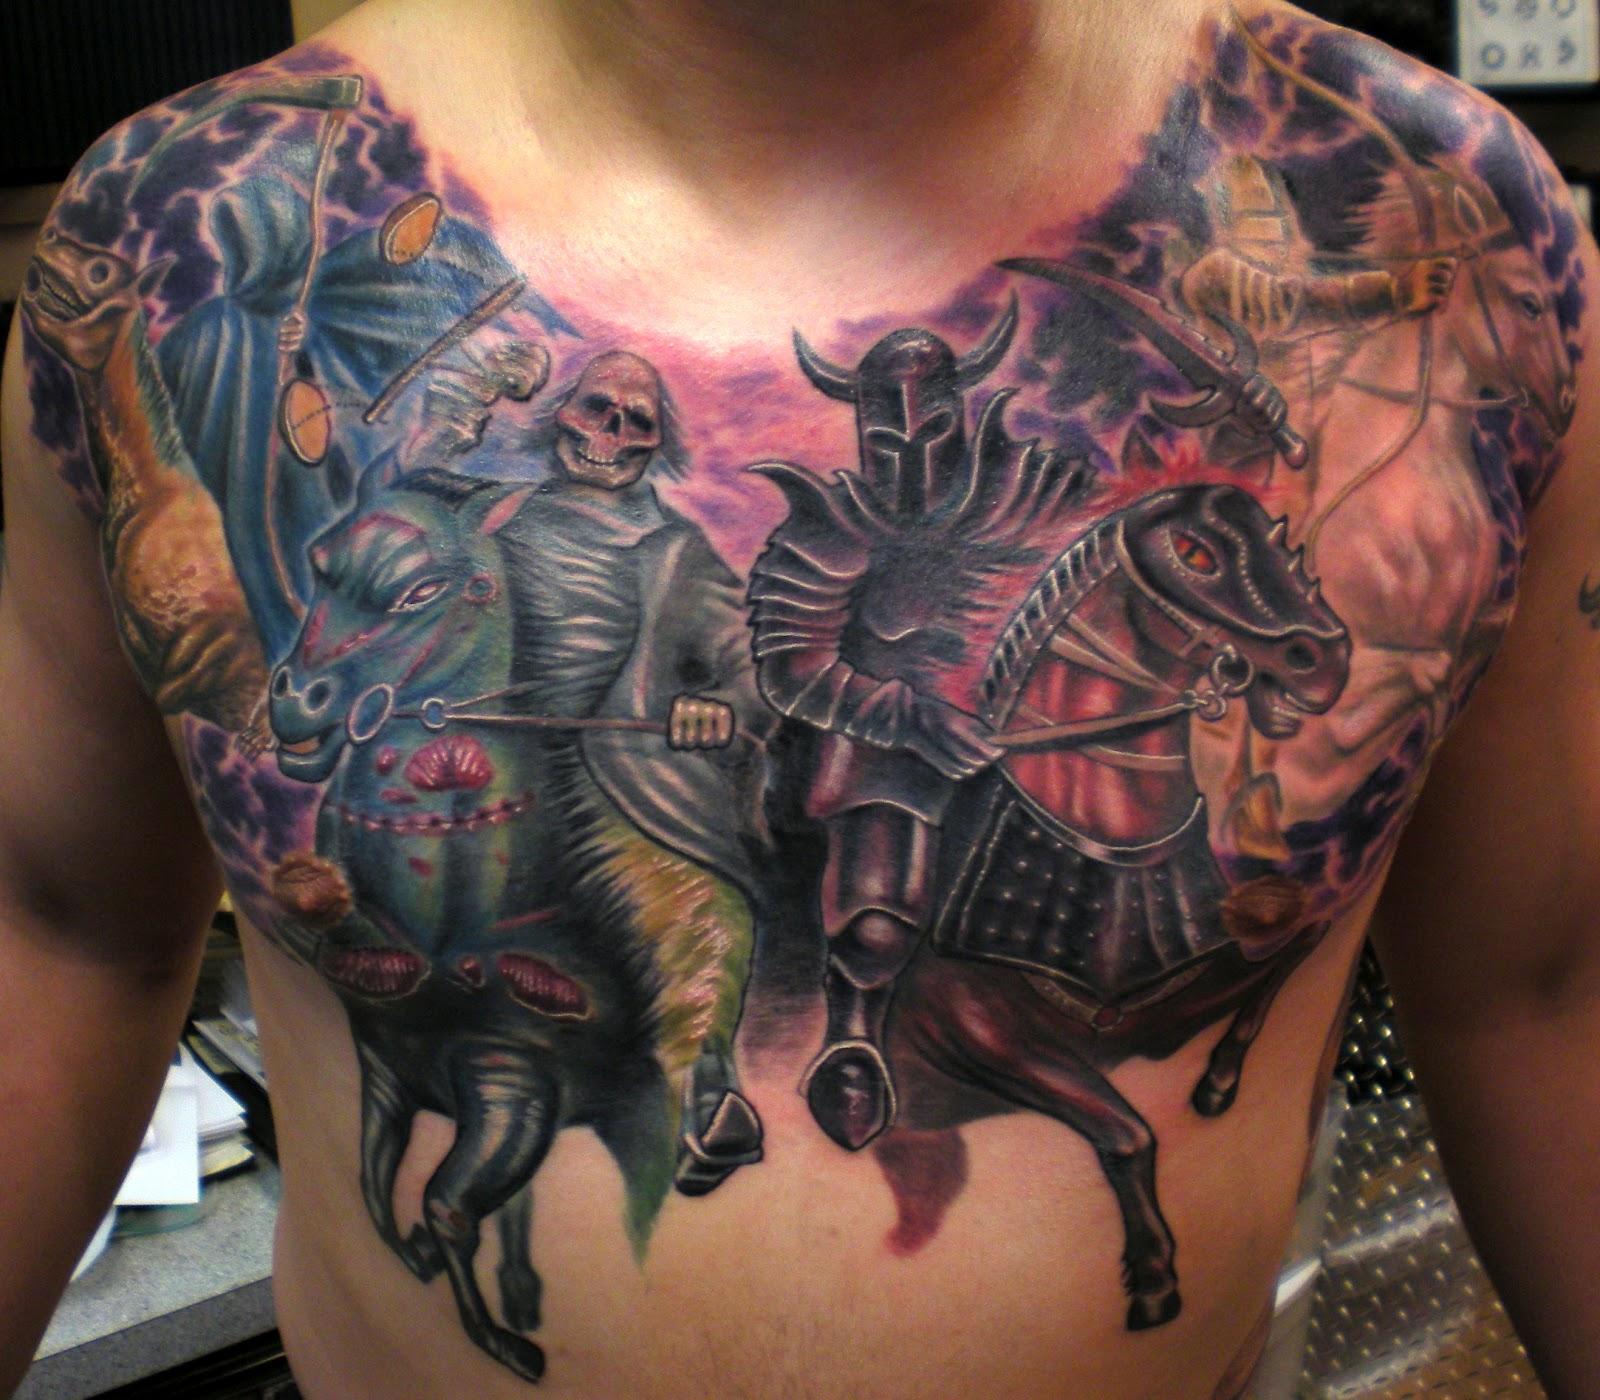 griffe tattoo imagens de cavalo para tatuagens. Black Bedroom Furniture Sets. Home Design Ideas